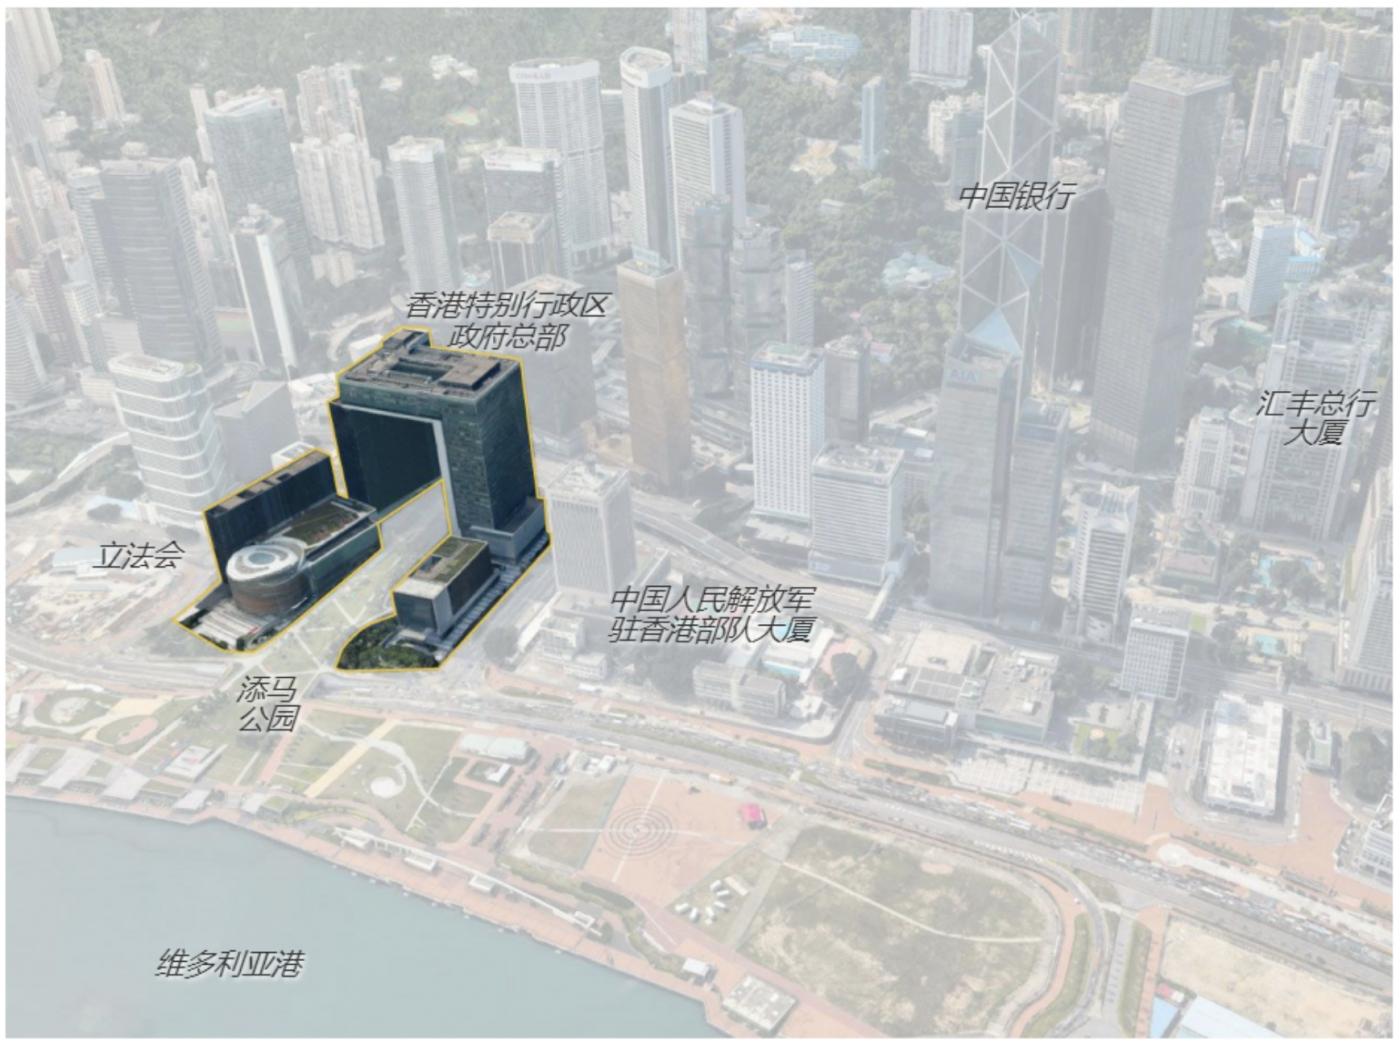 香港的大规模反政府示威将如何收场?_图1-1